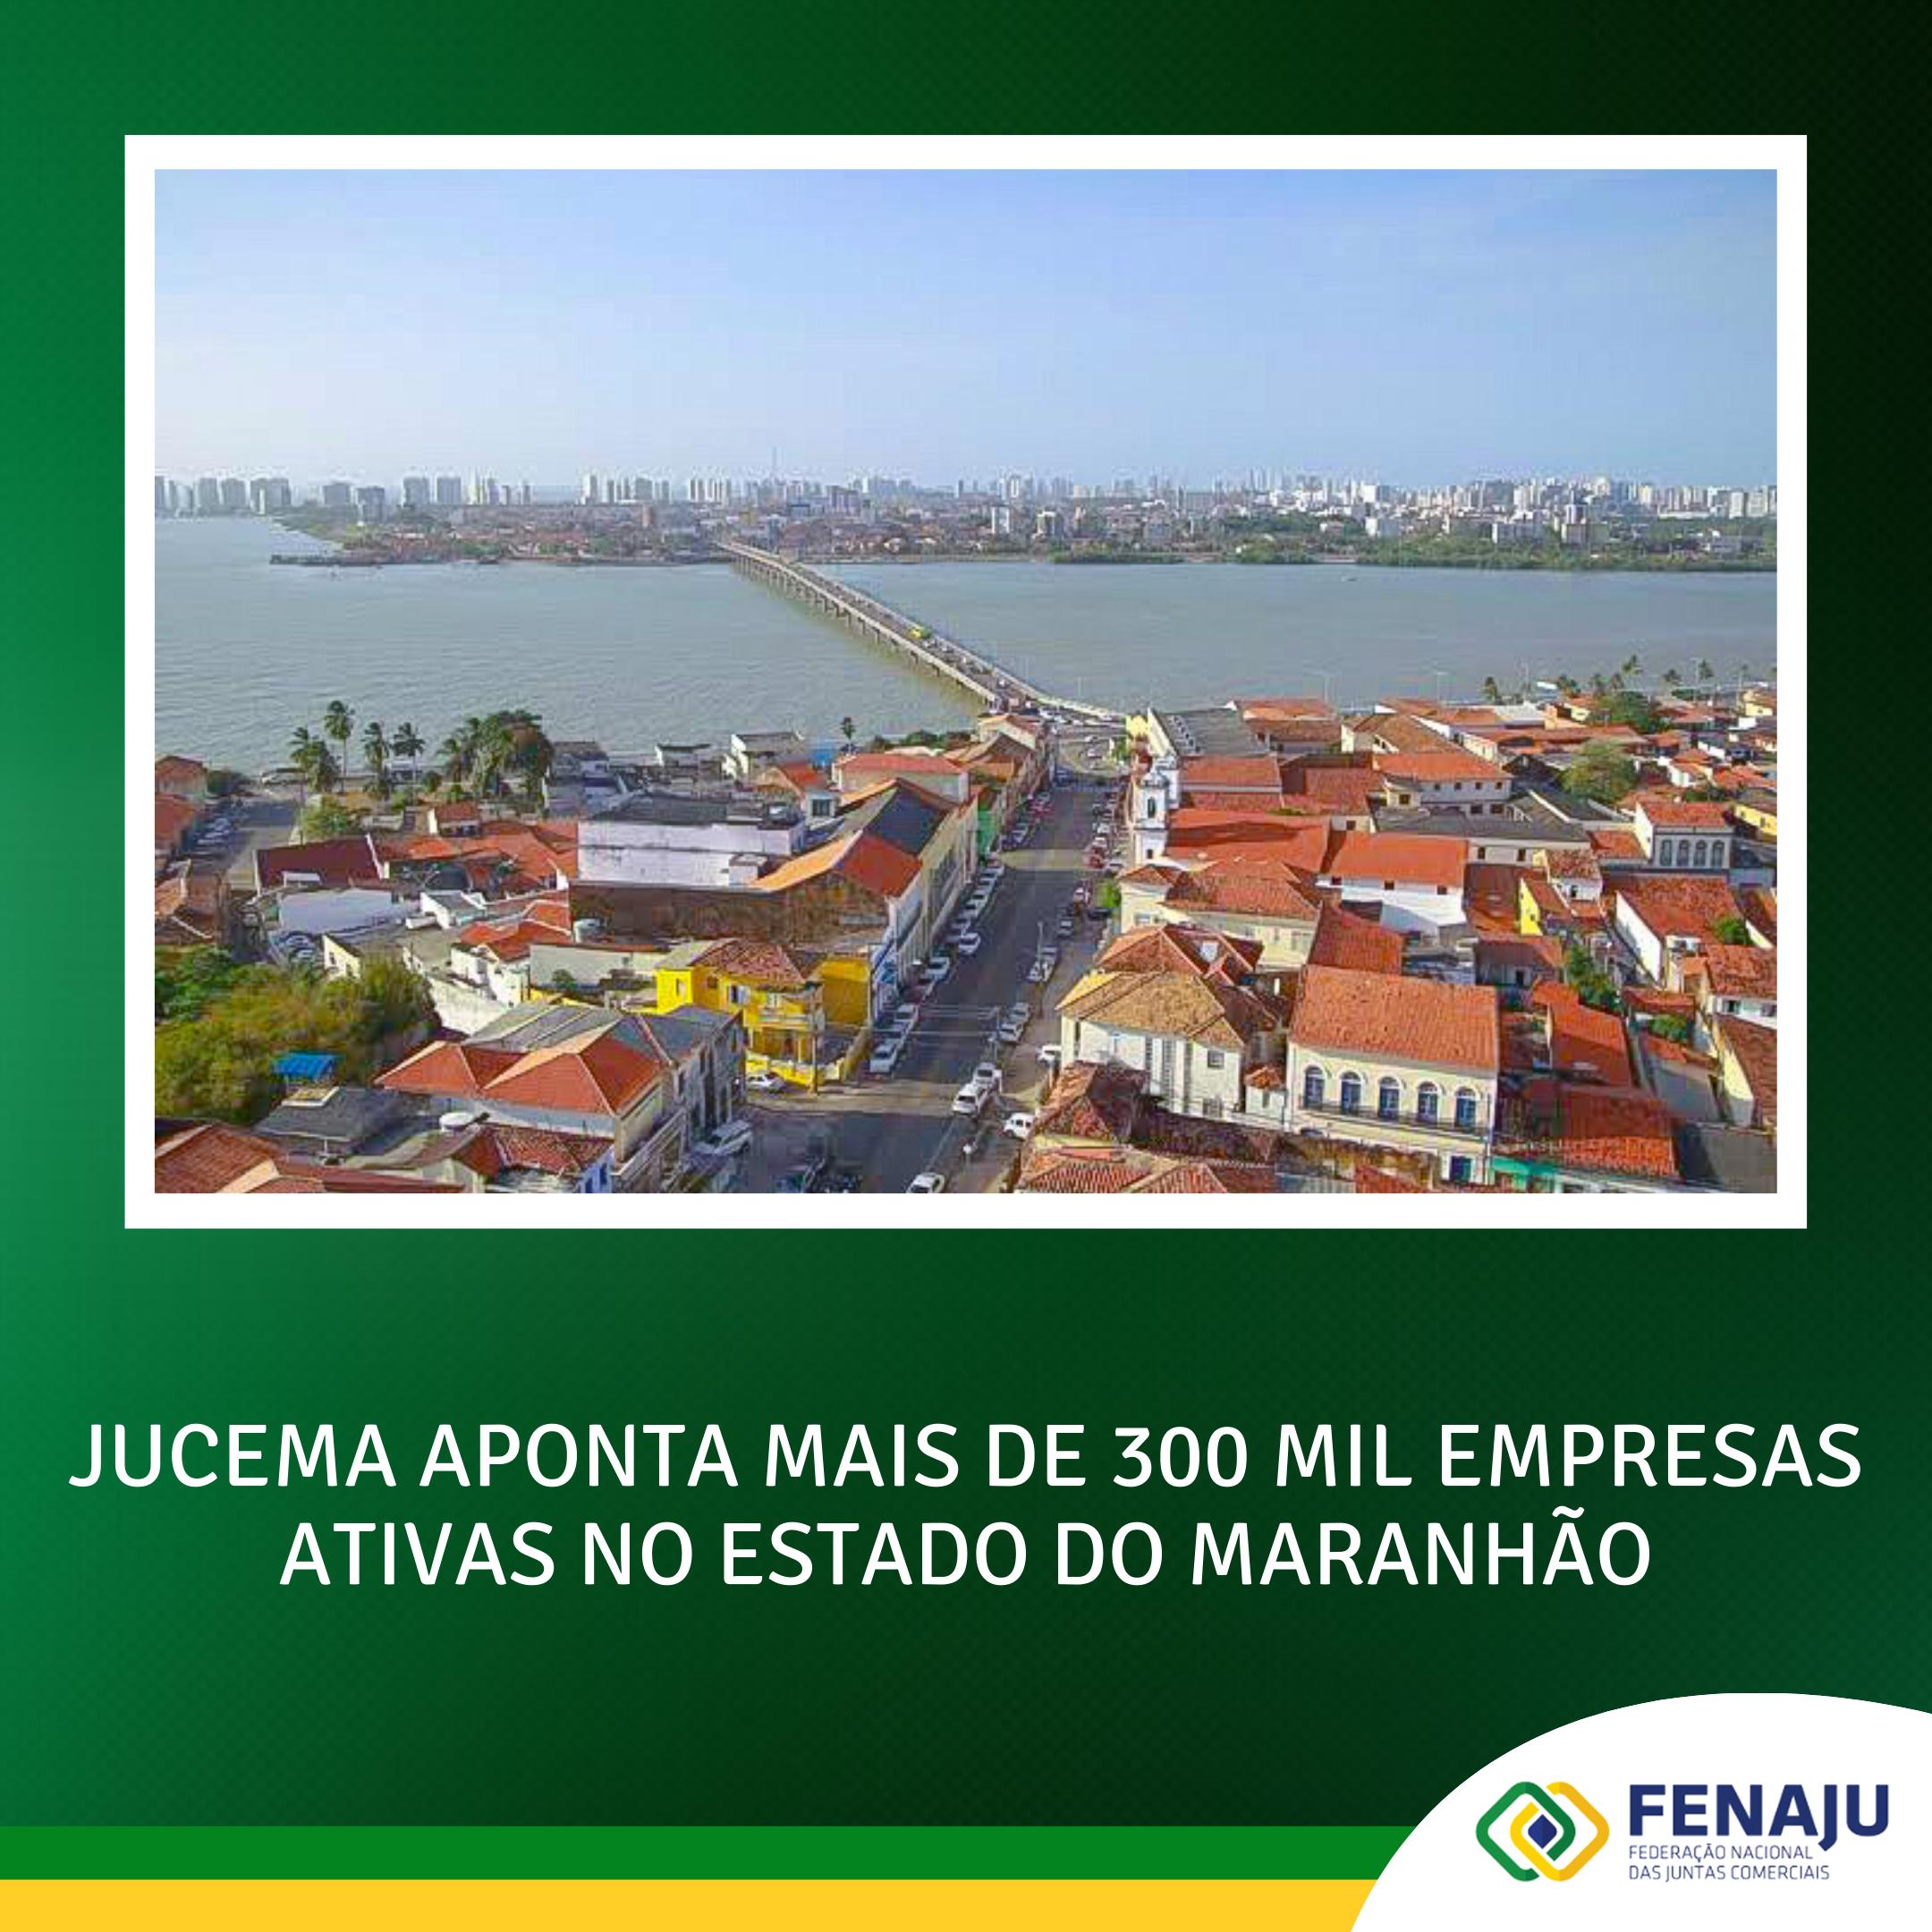 You are currently viewing JUCEMA aponta mais de 300 mil empresas ativas no estado do Maranhão